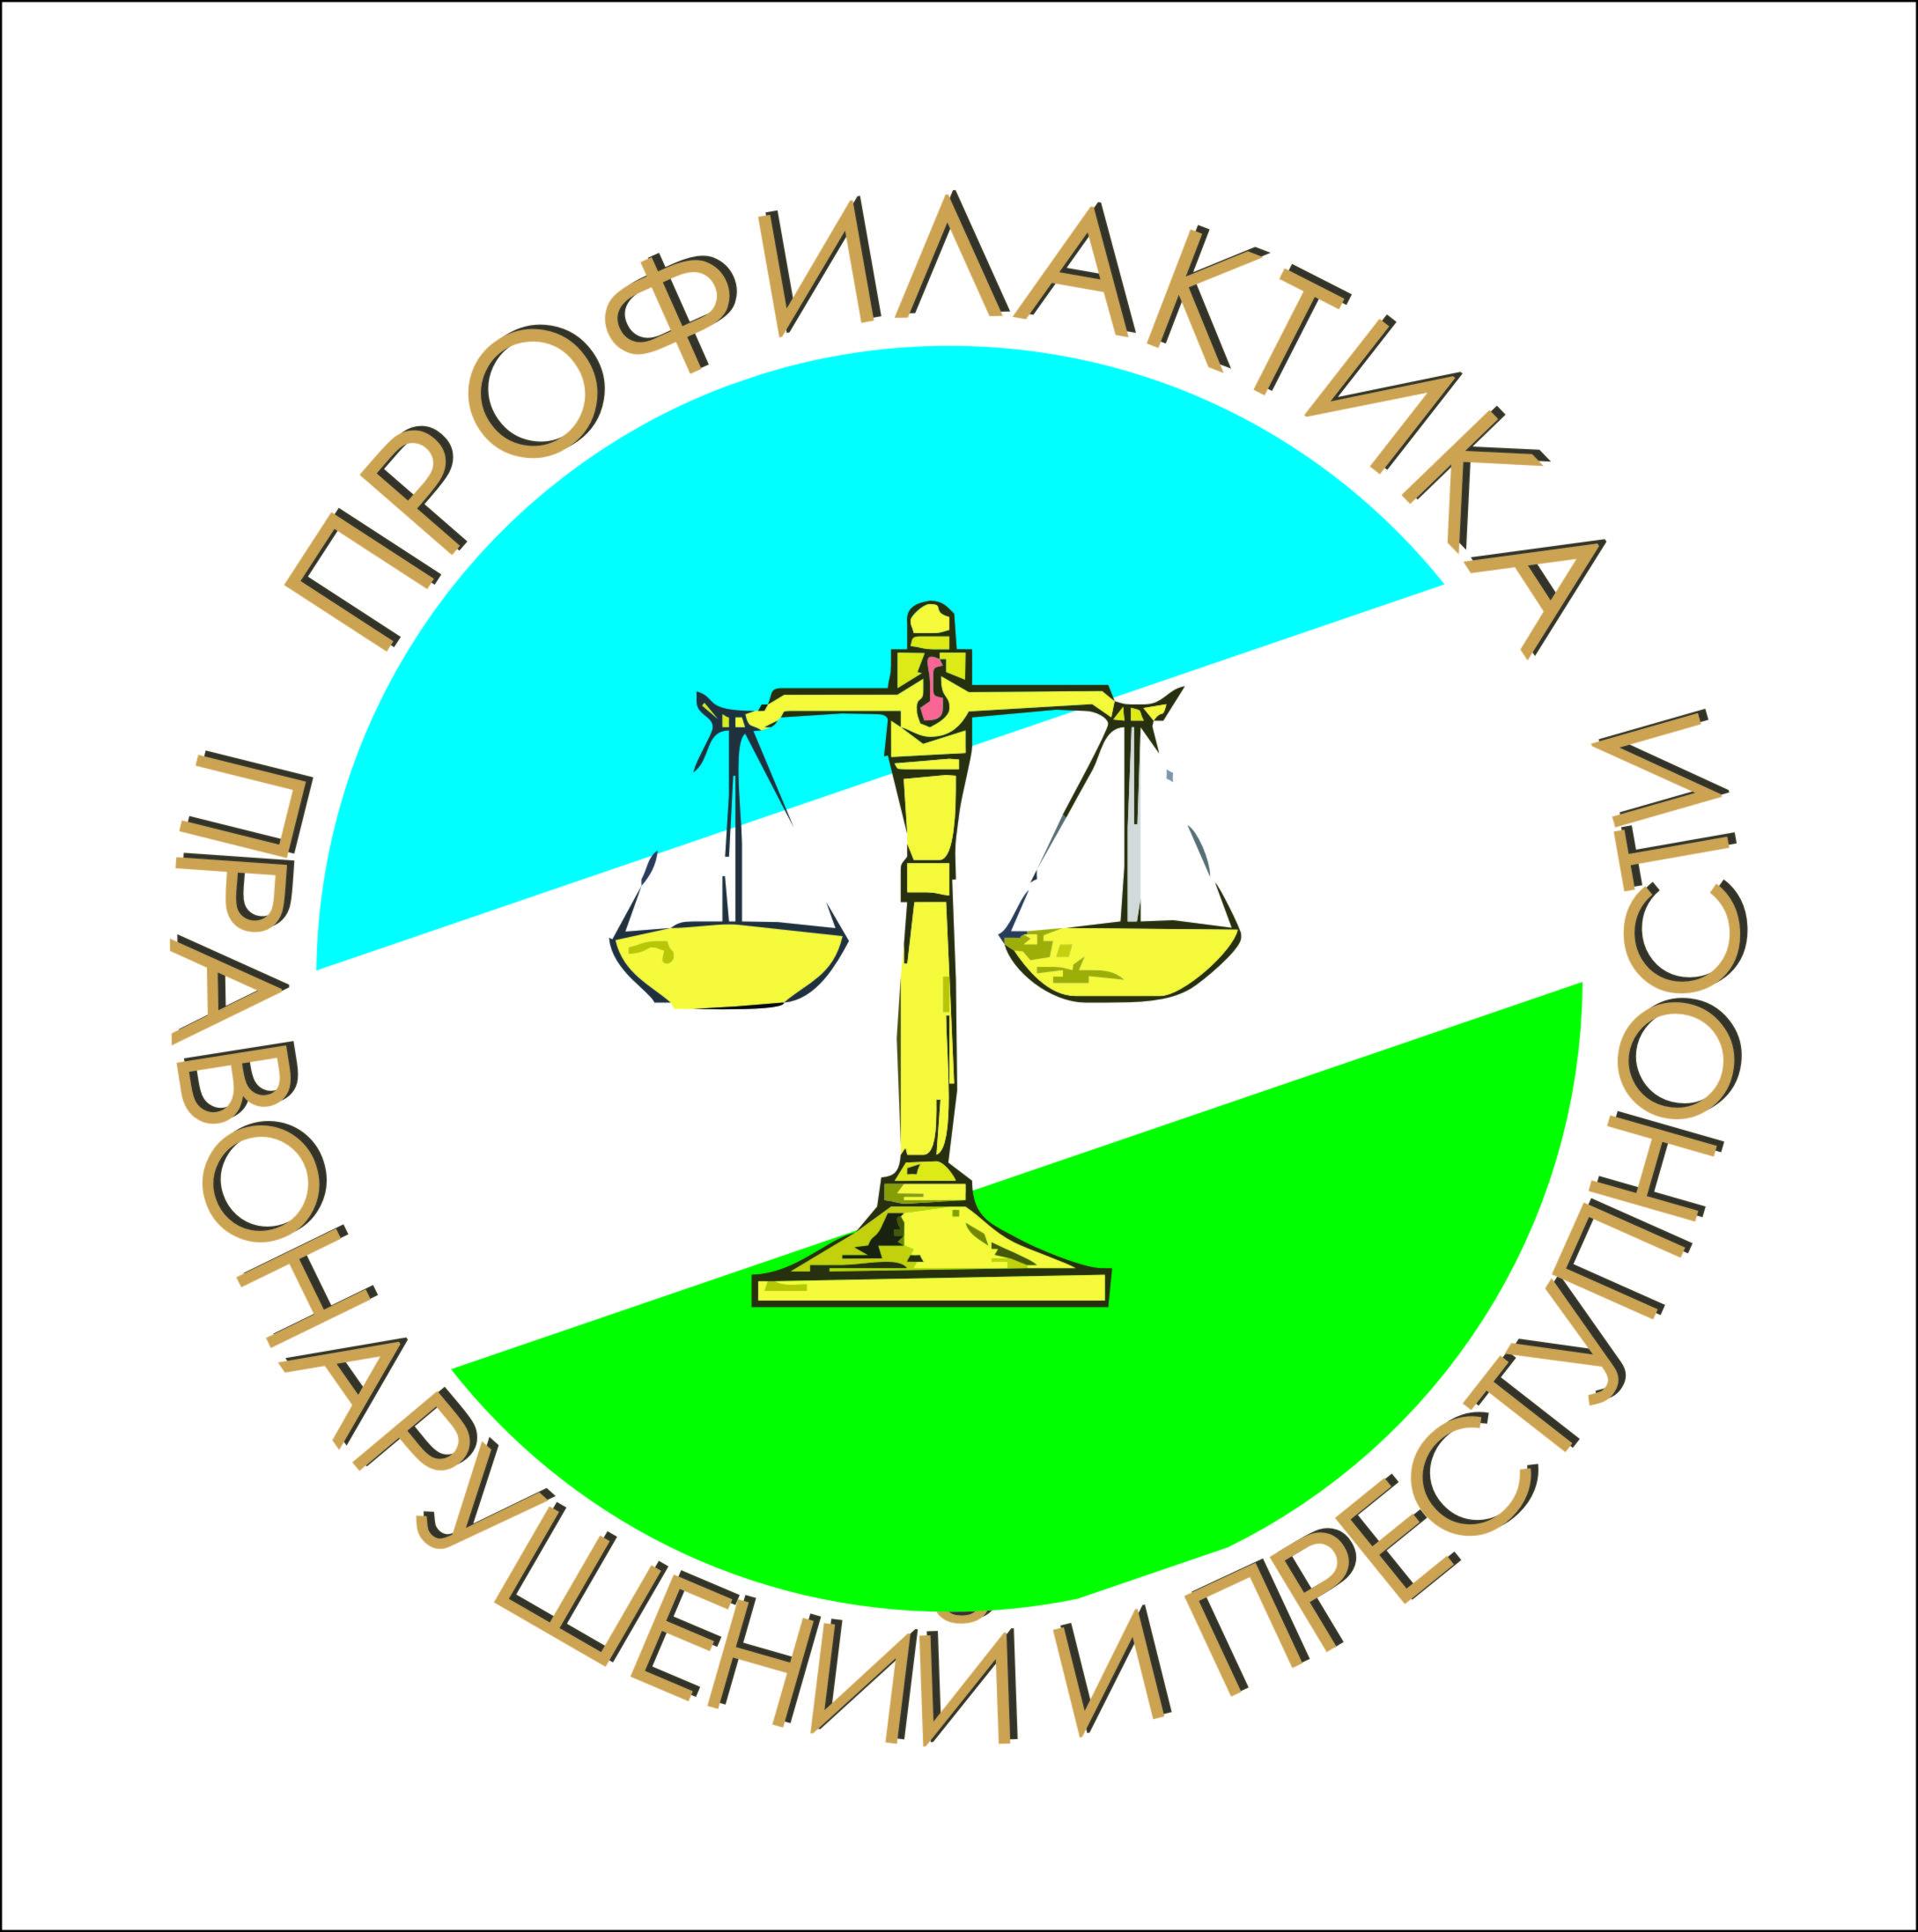 http://volkolledzh.ru/images/stories/%D0%B7%D0%B0%D1%81%D1%82%D0%B0%D0%B2%D0%BA%D0%B0.jpg